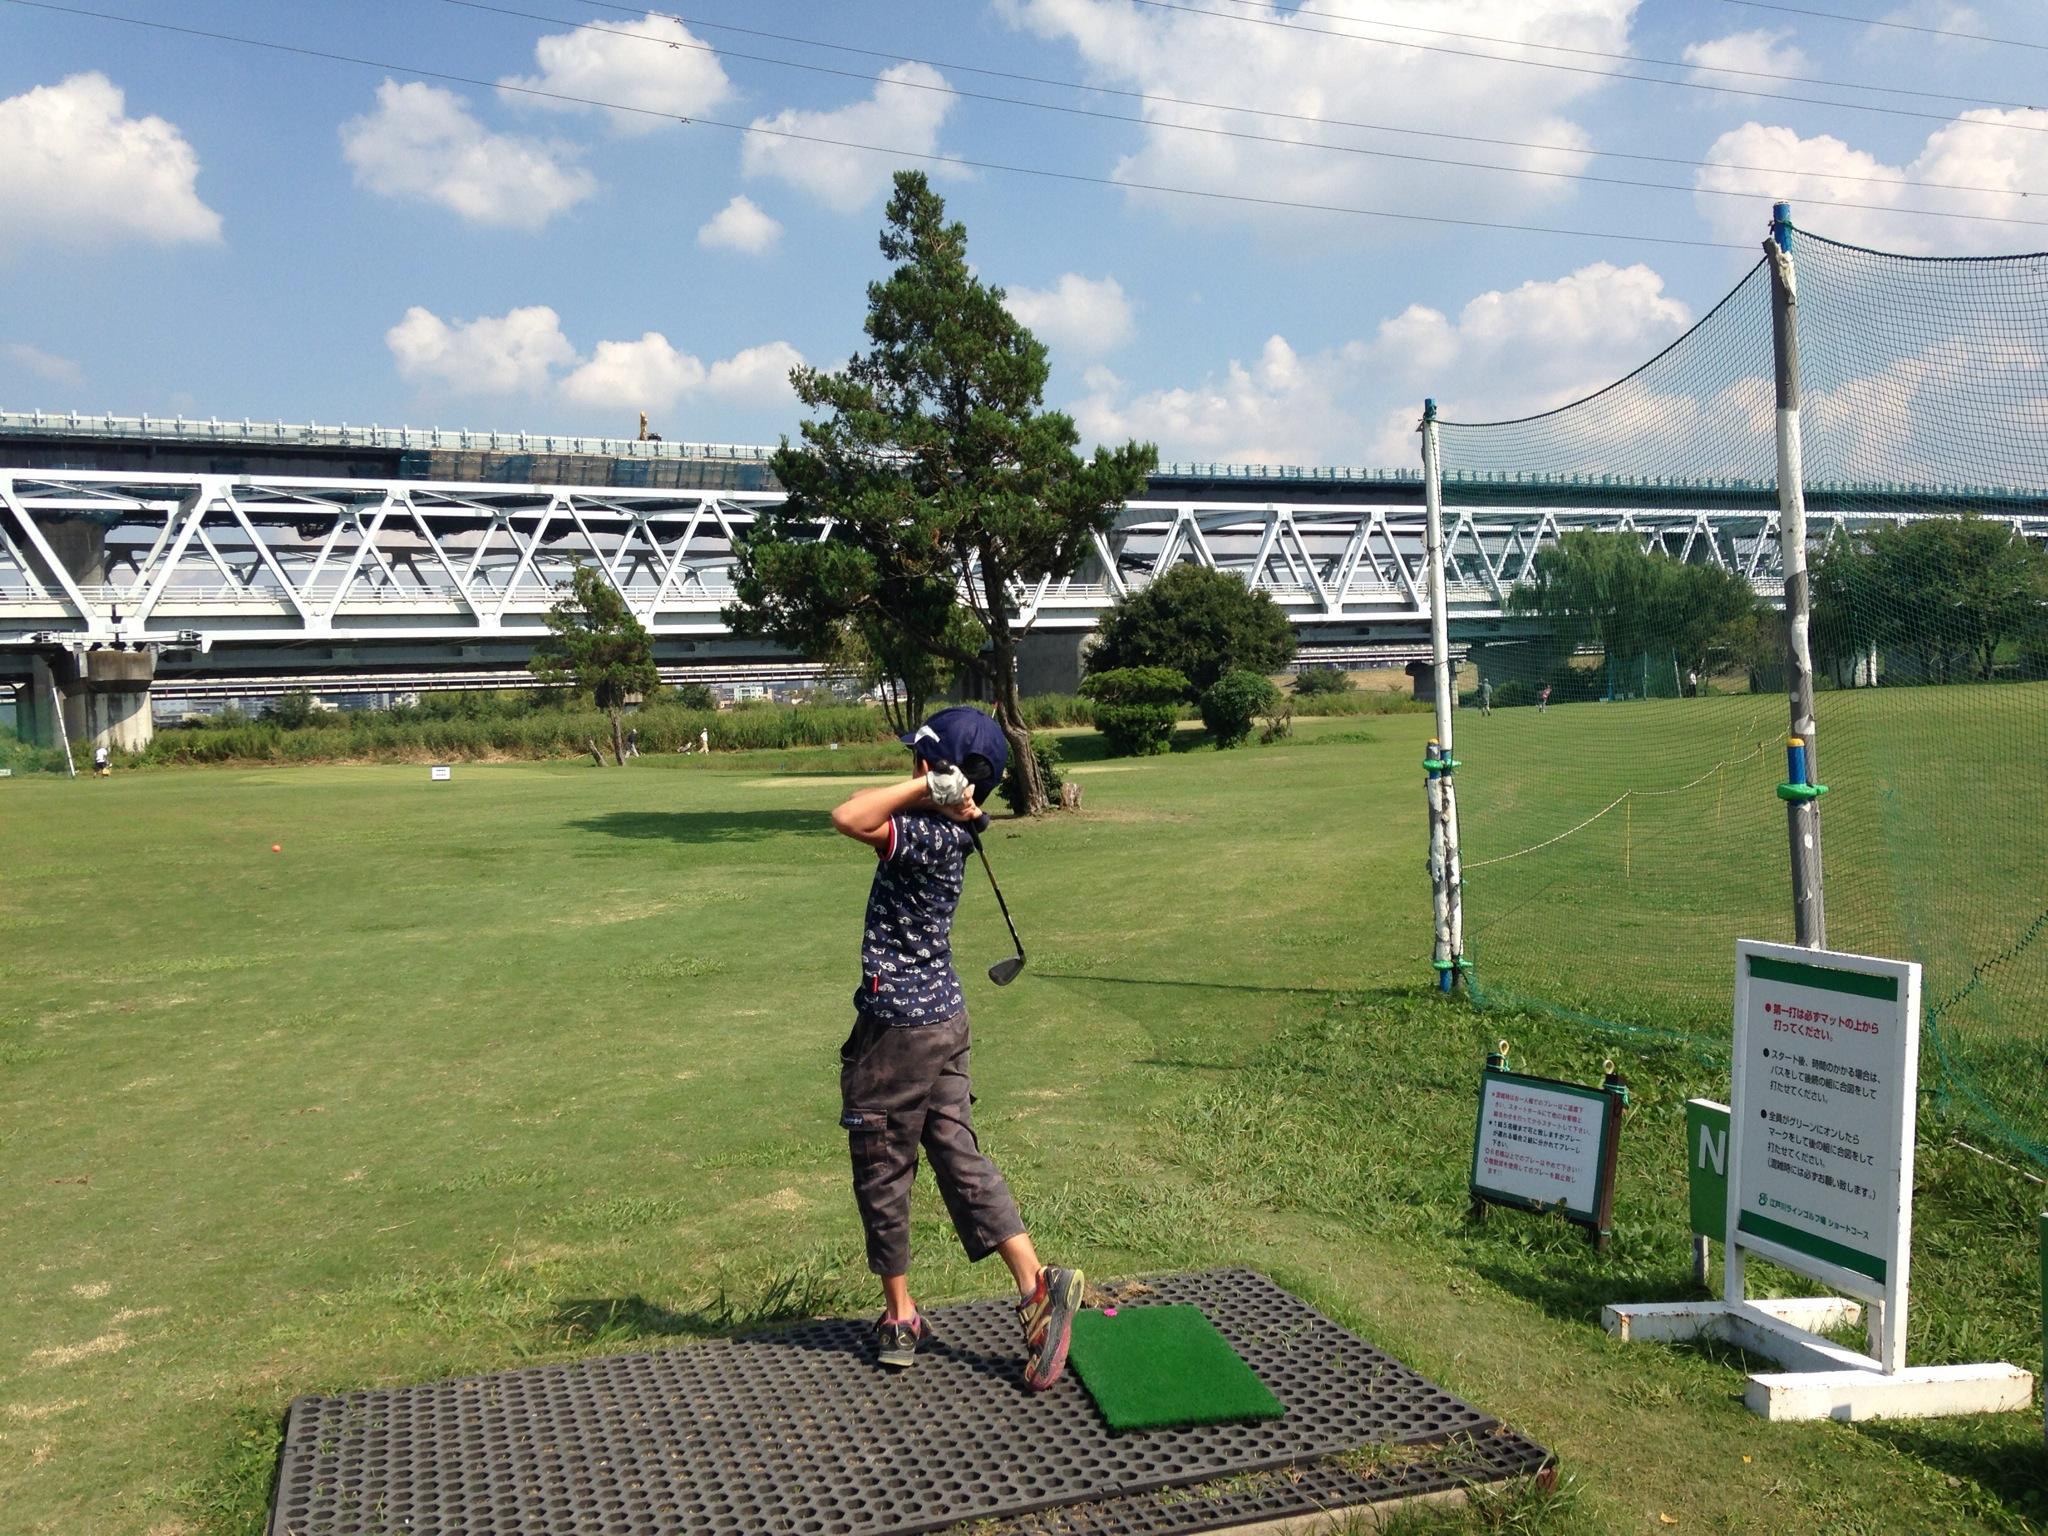 江戸川ラインゴルフ場のショートコースで息子と1日回り放題。子どもの進化の速さにビックリ!危うく負けるところでした・・・